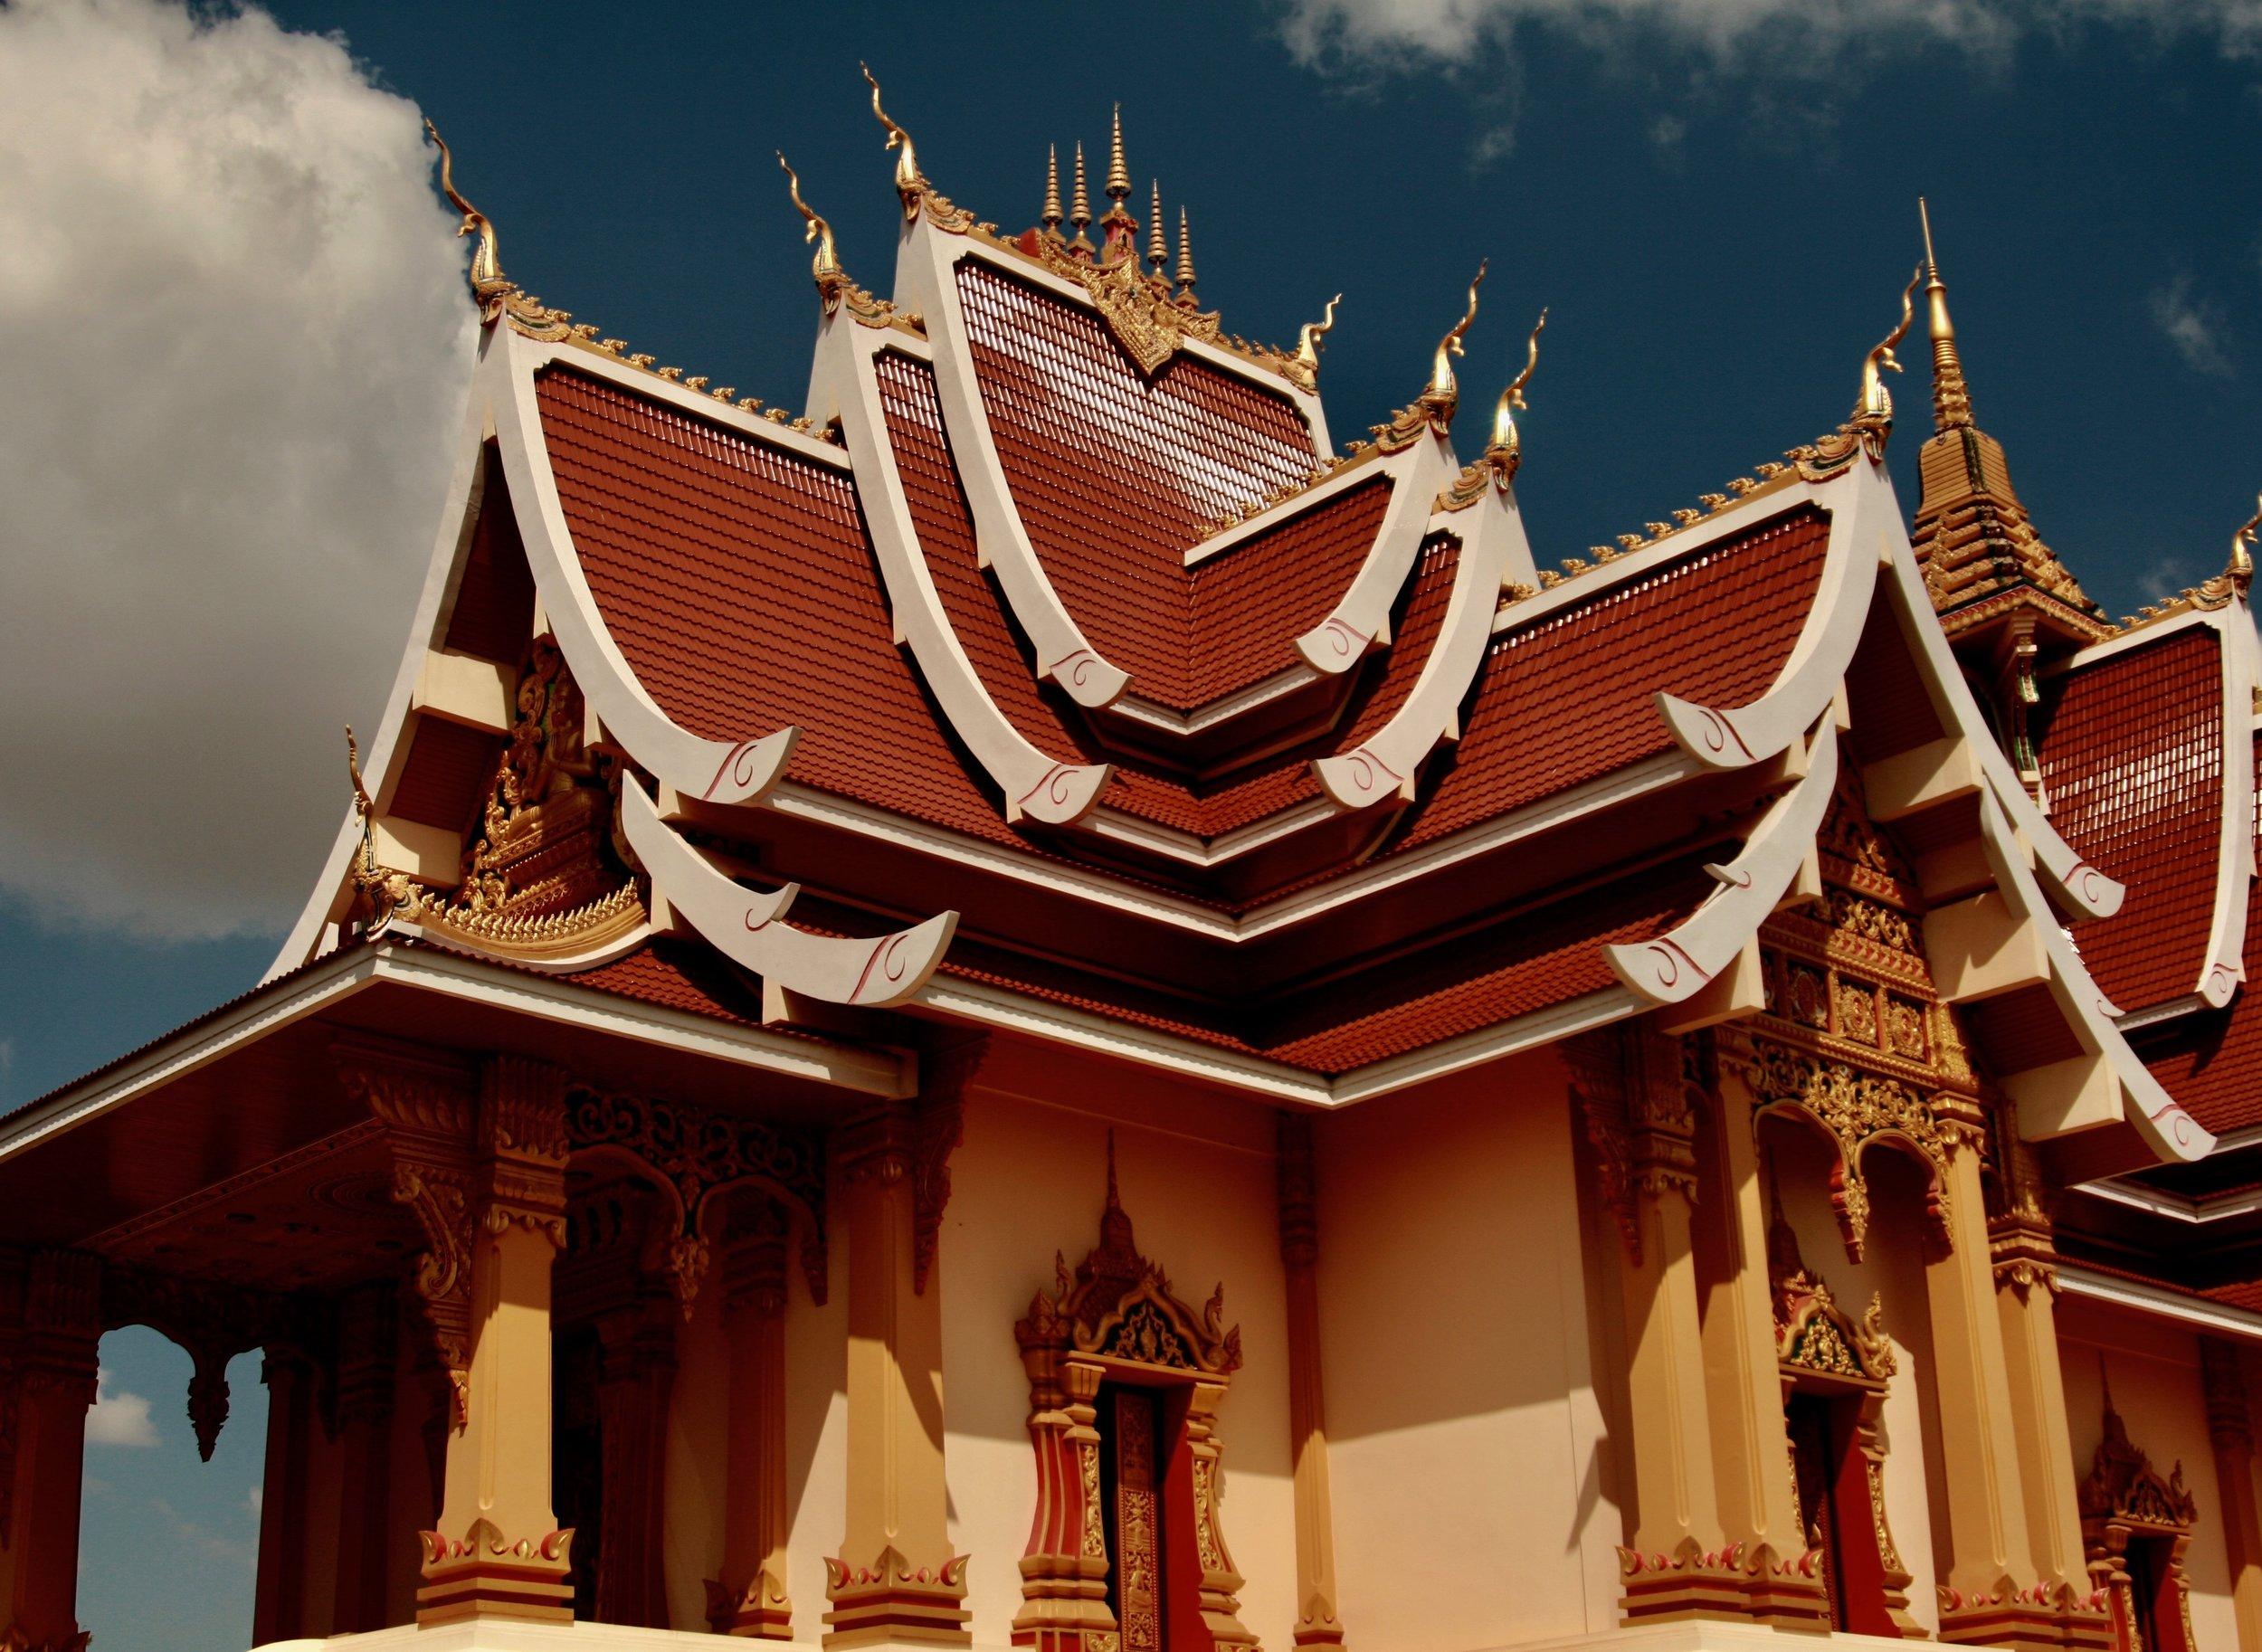 Places-Laos Temple.jpg